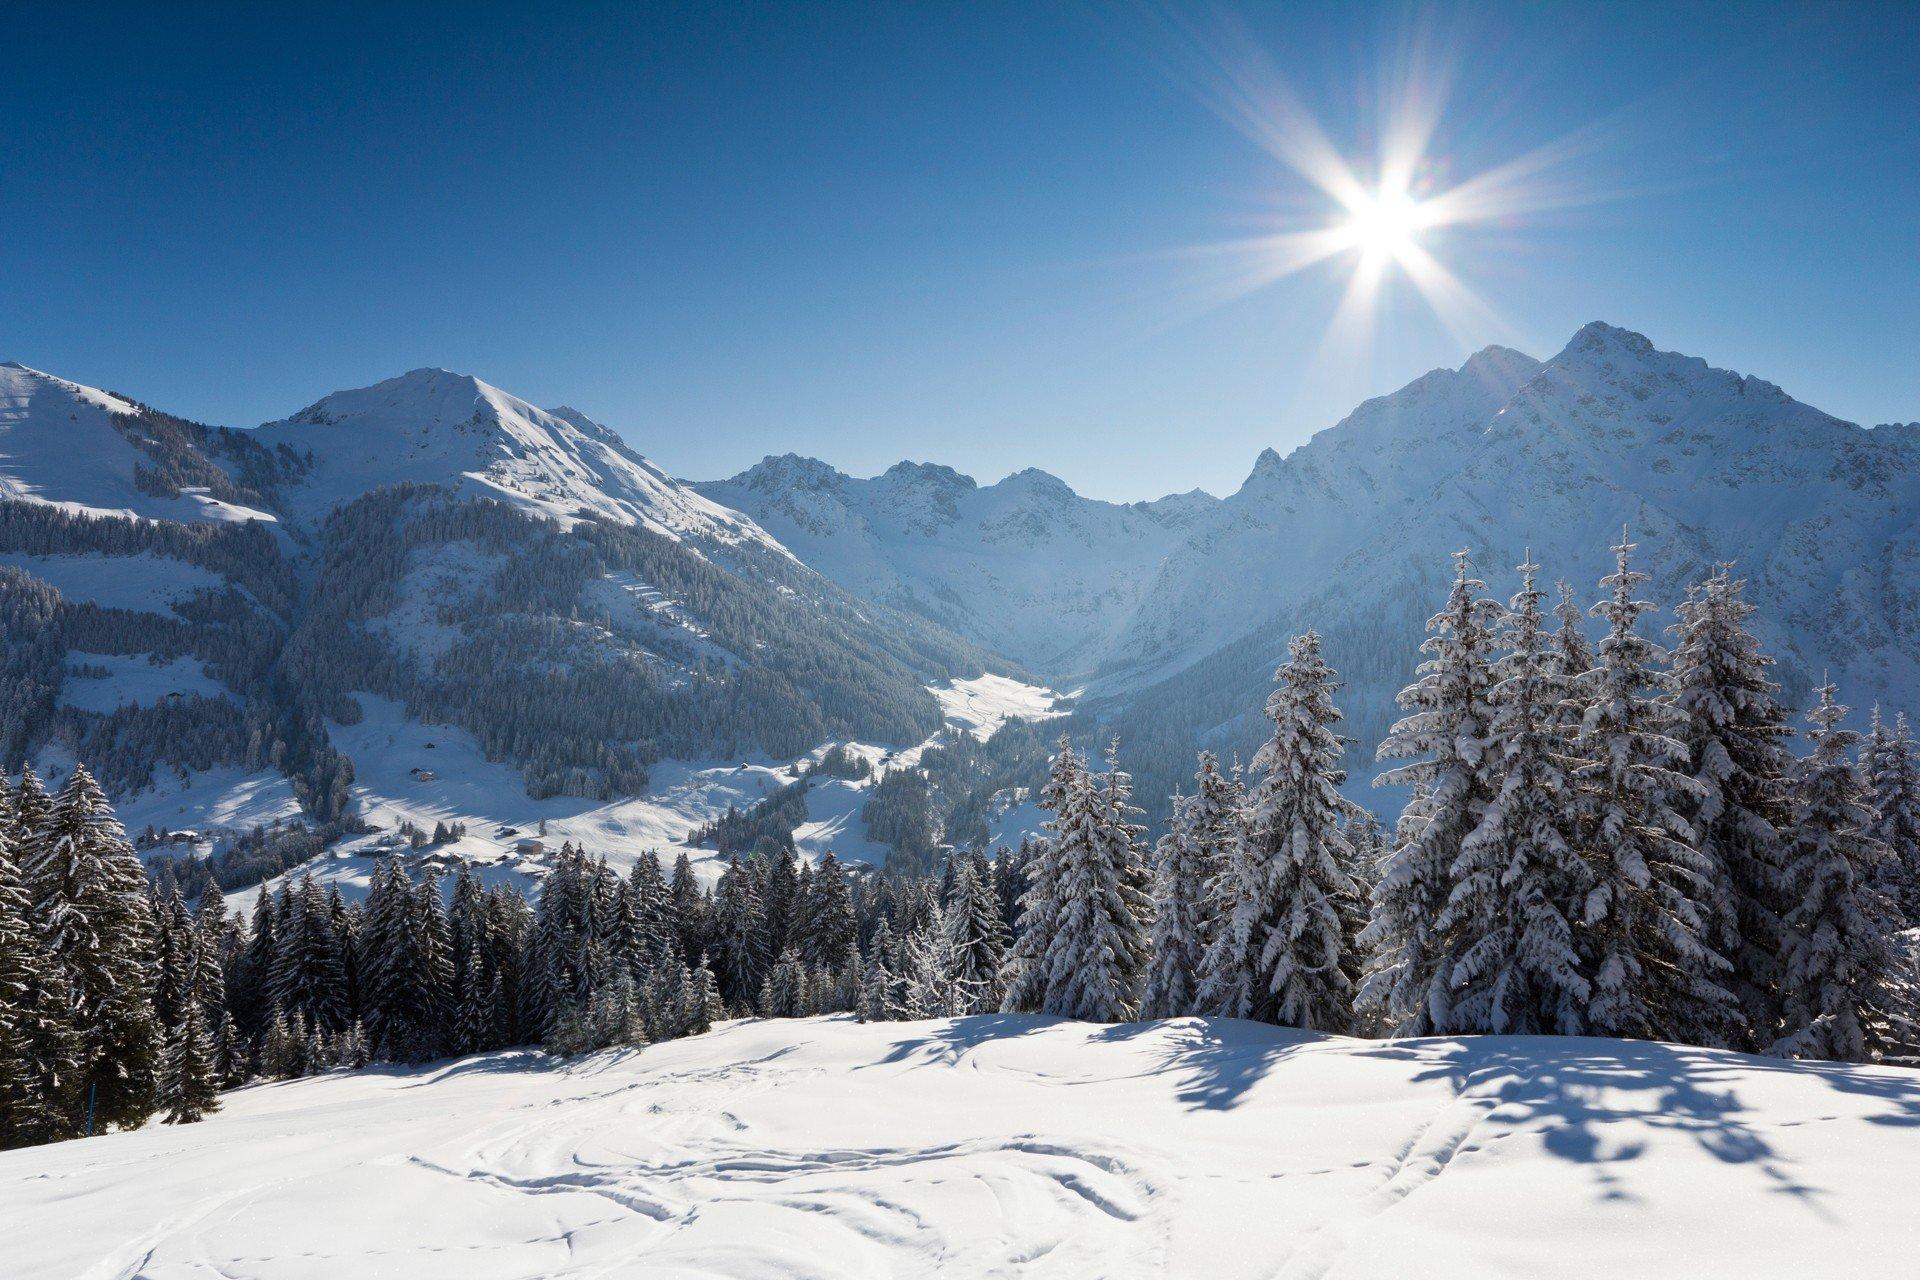 Kurzurlaub Bayerischer Wald Wellnessurlaub Wellness Hotel Familien Kurzreisen Verwoehnwochenende